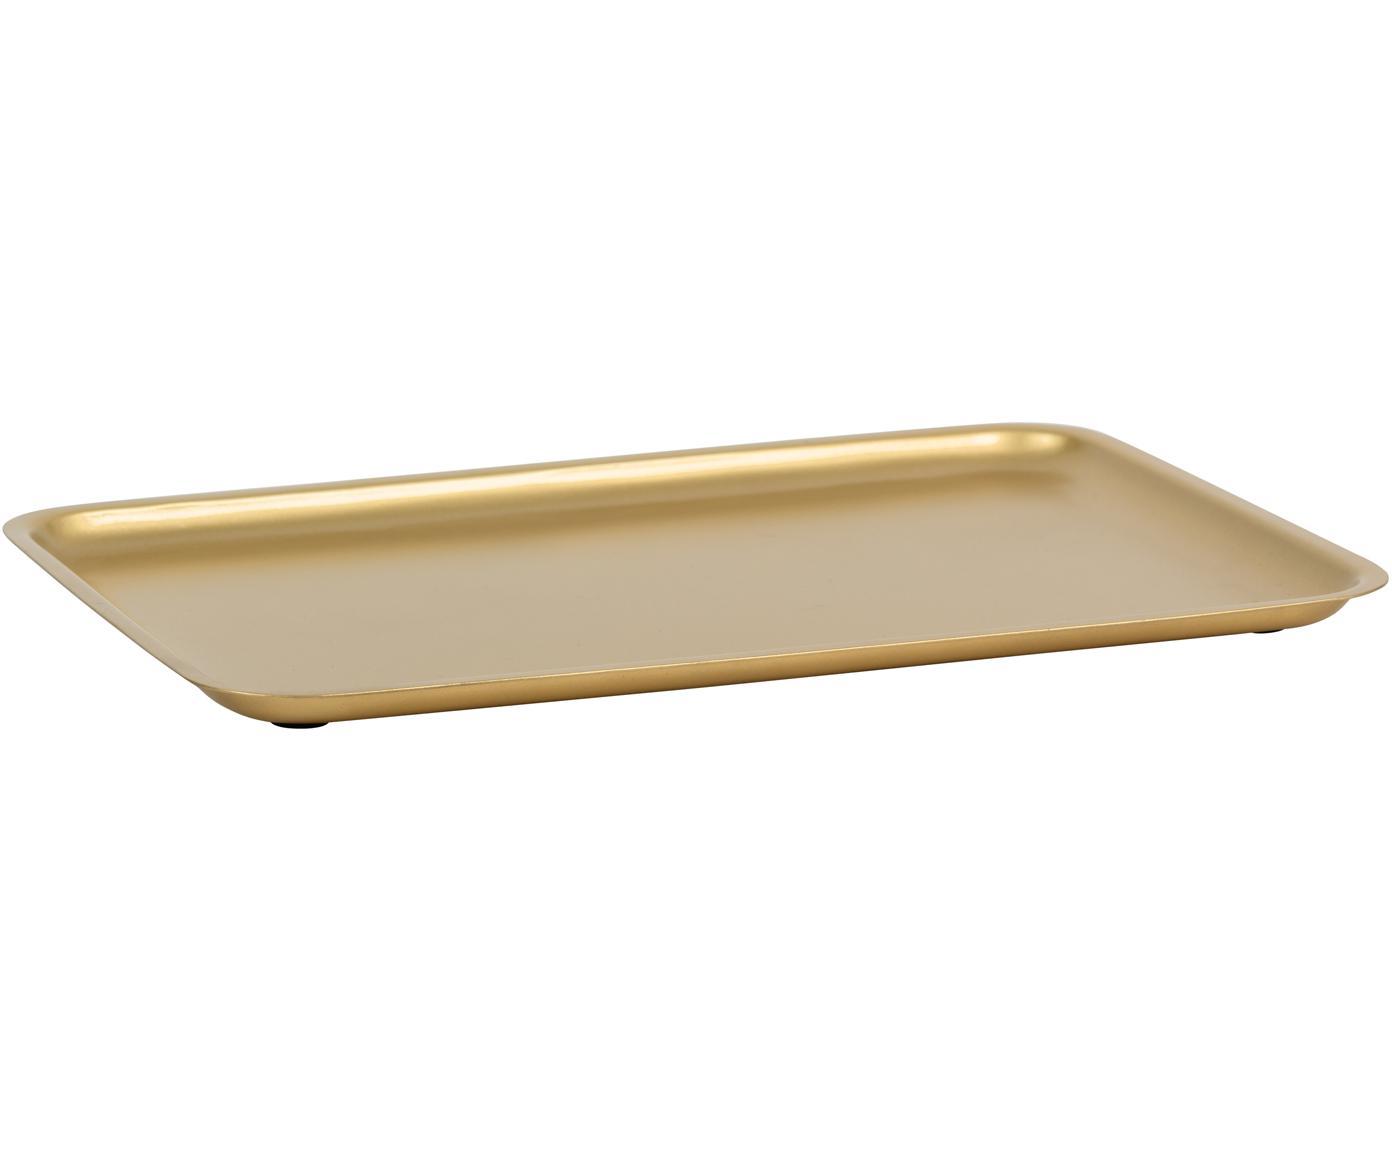 Dienblad Good Morning goudkleurig, Gecoat metaal, Messingkleurig, 34 x 23 cm